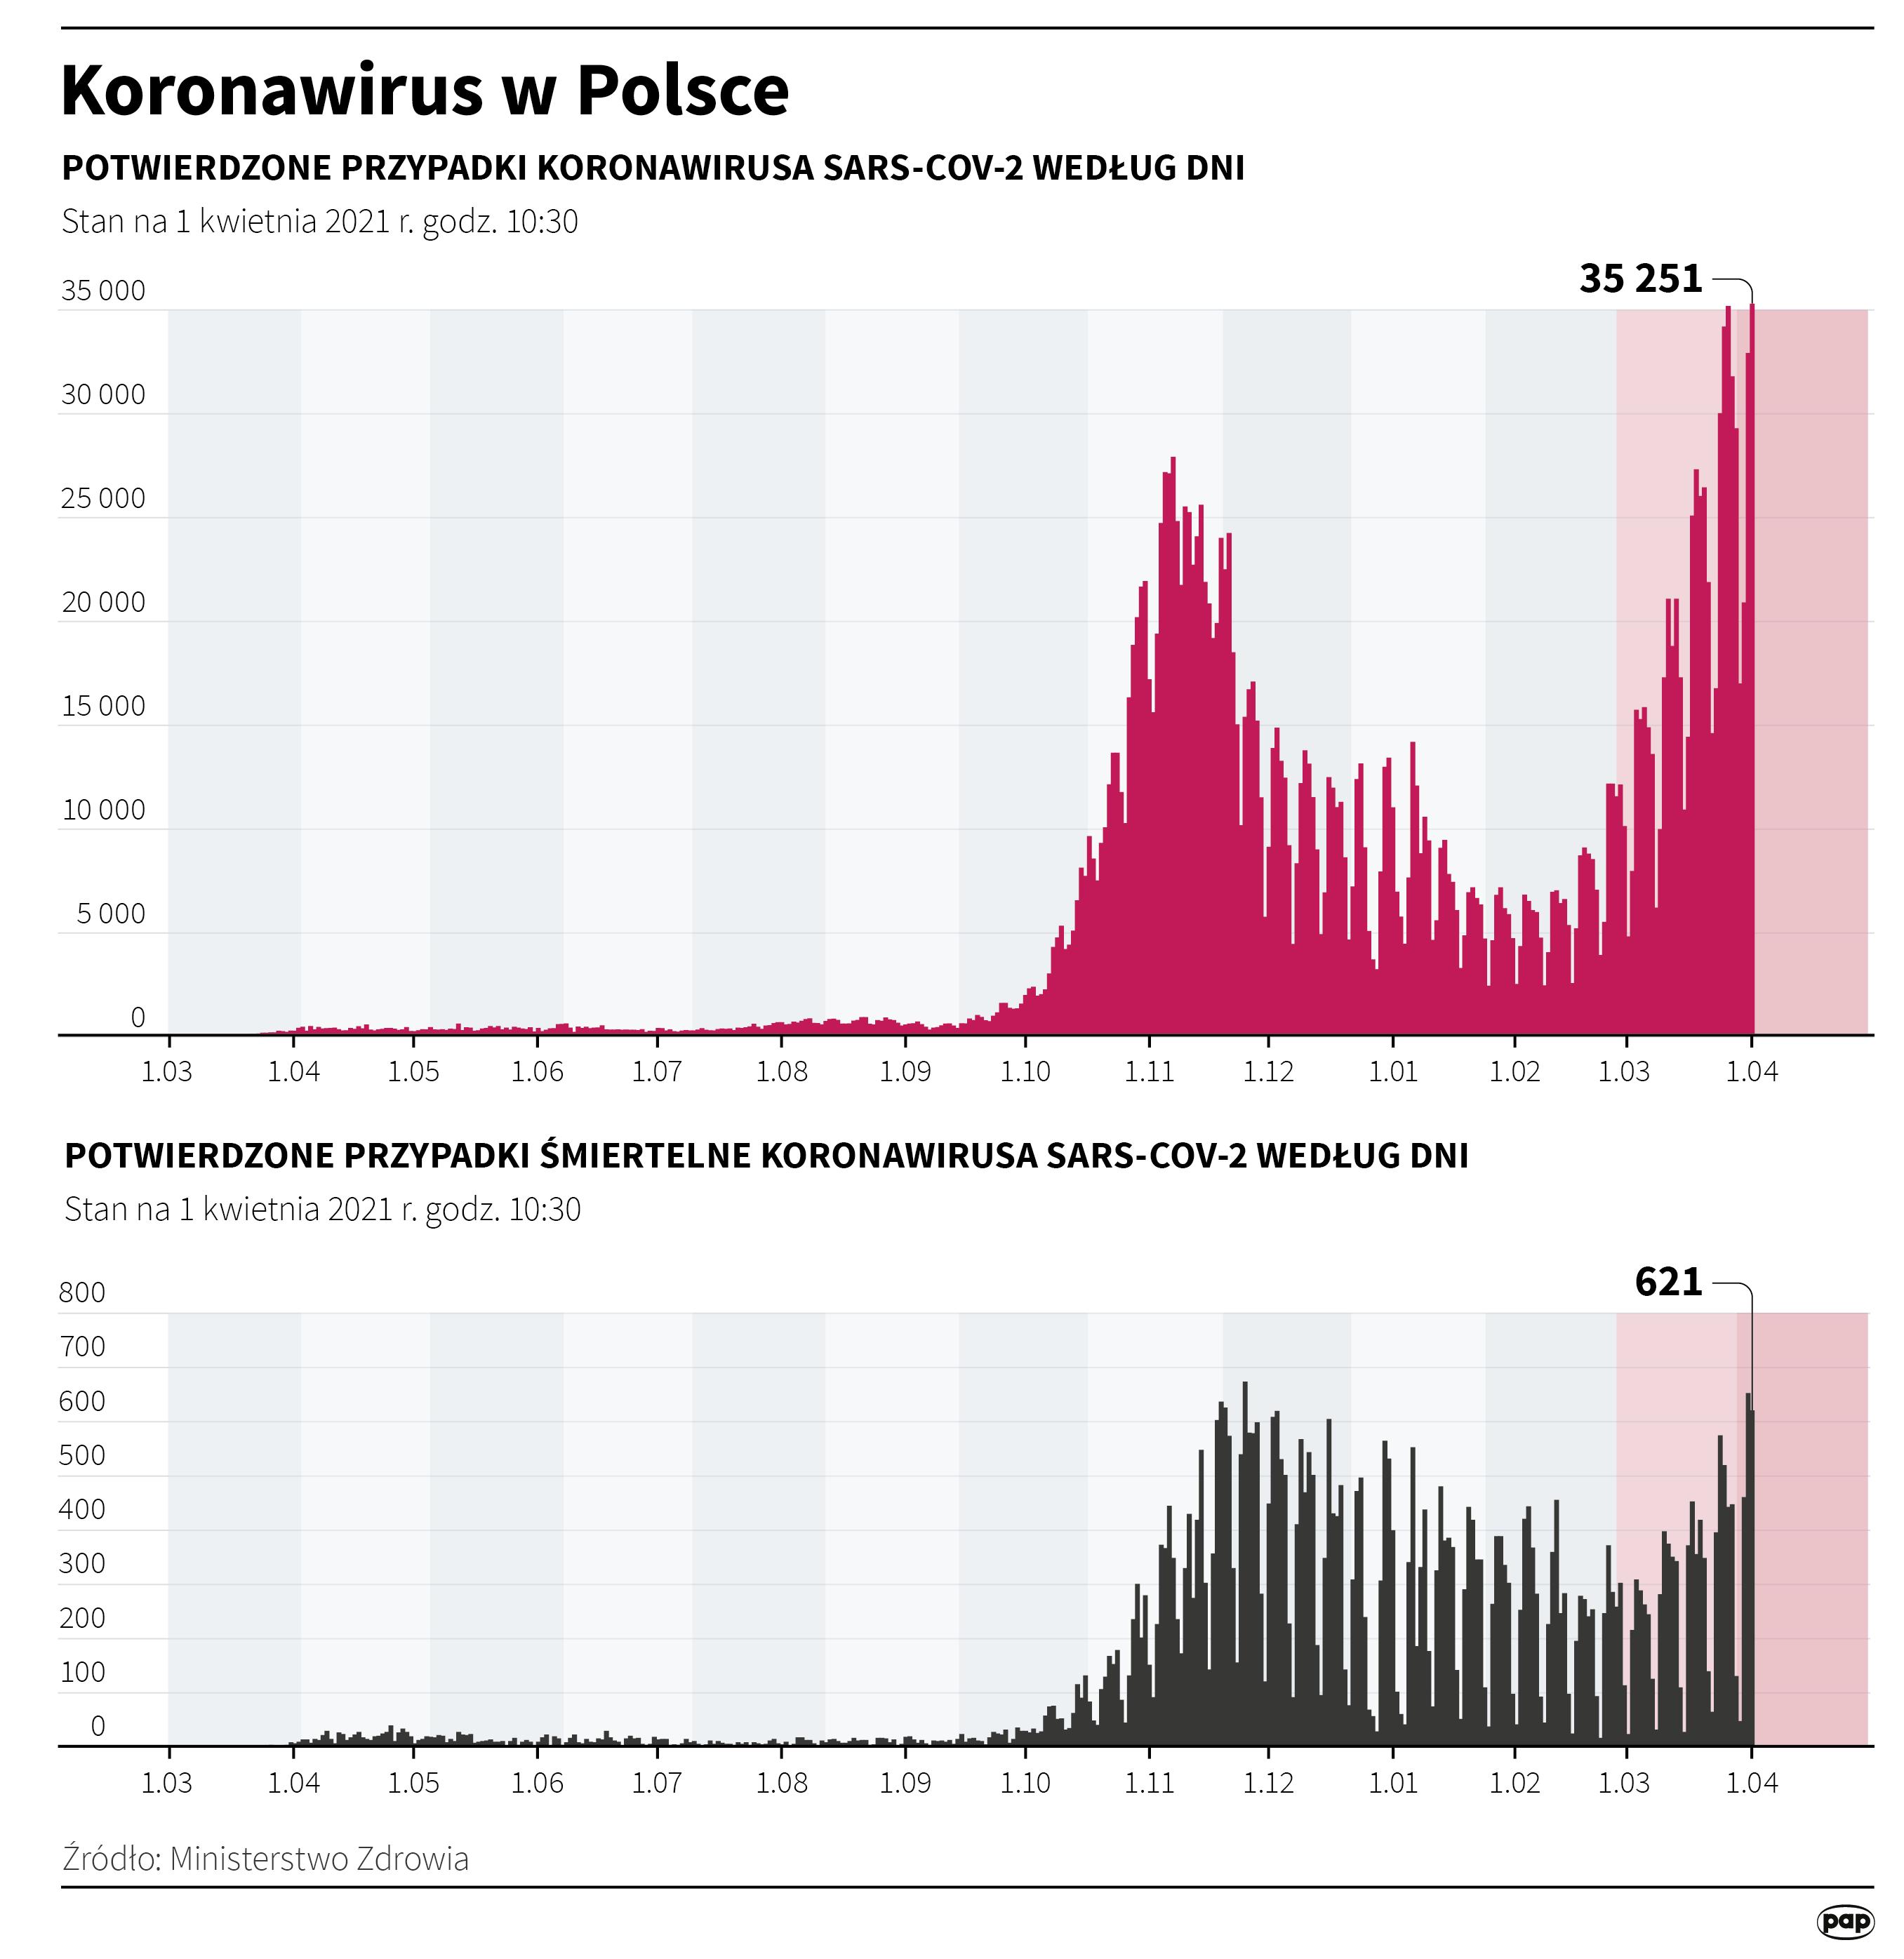 Koronawirus w Polsce - stan na 1 kwietnia [fot. Maciej Zieliński/PAP]